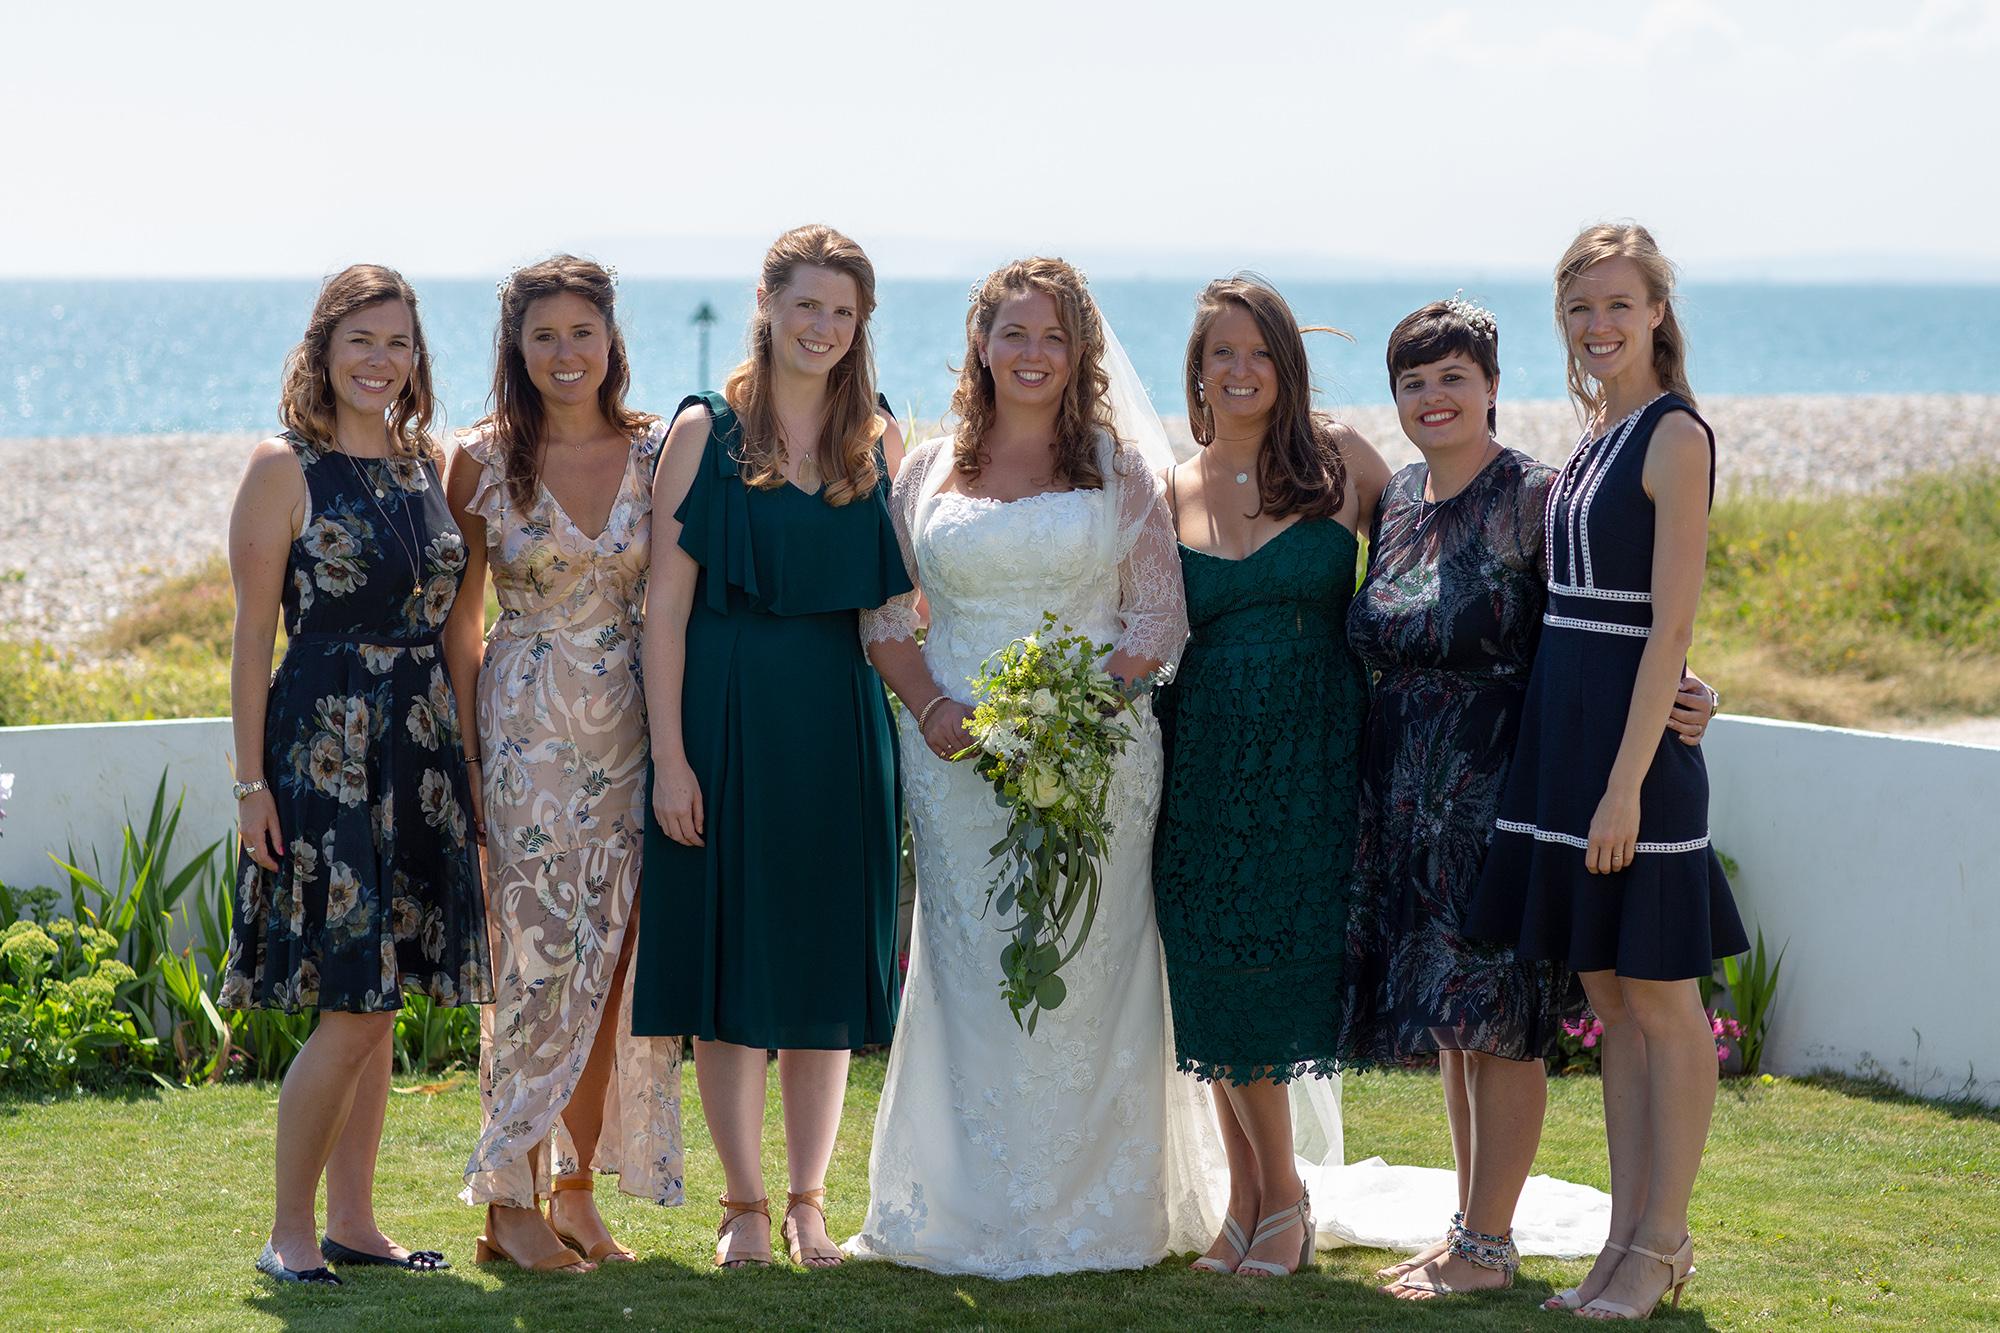 chichester_photographer_wedding_06.jpg